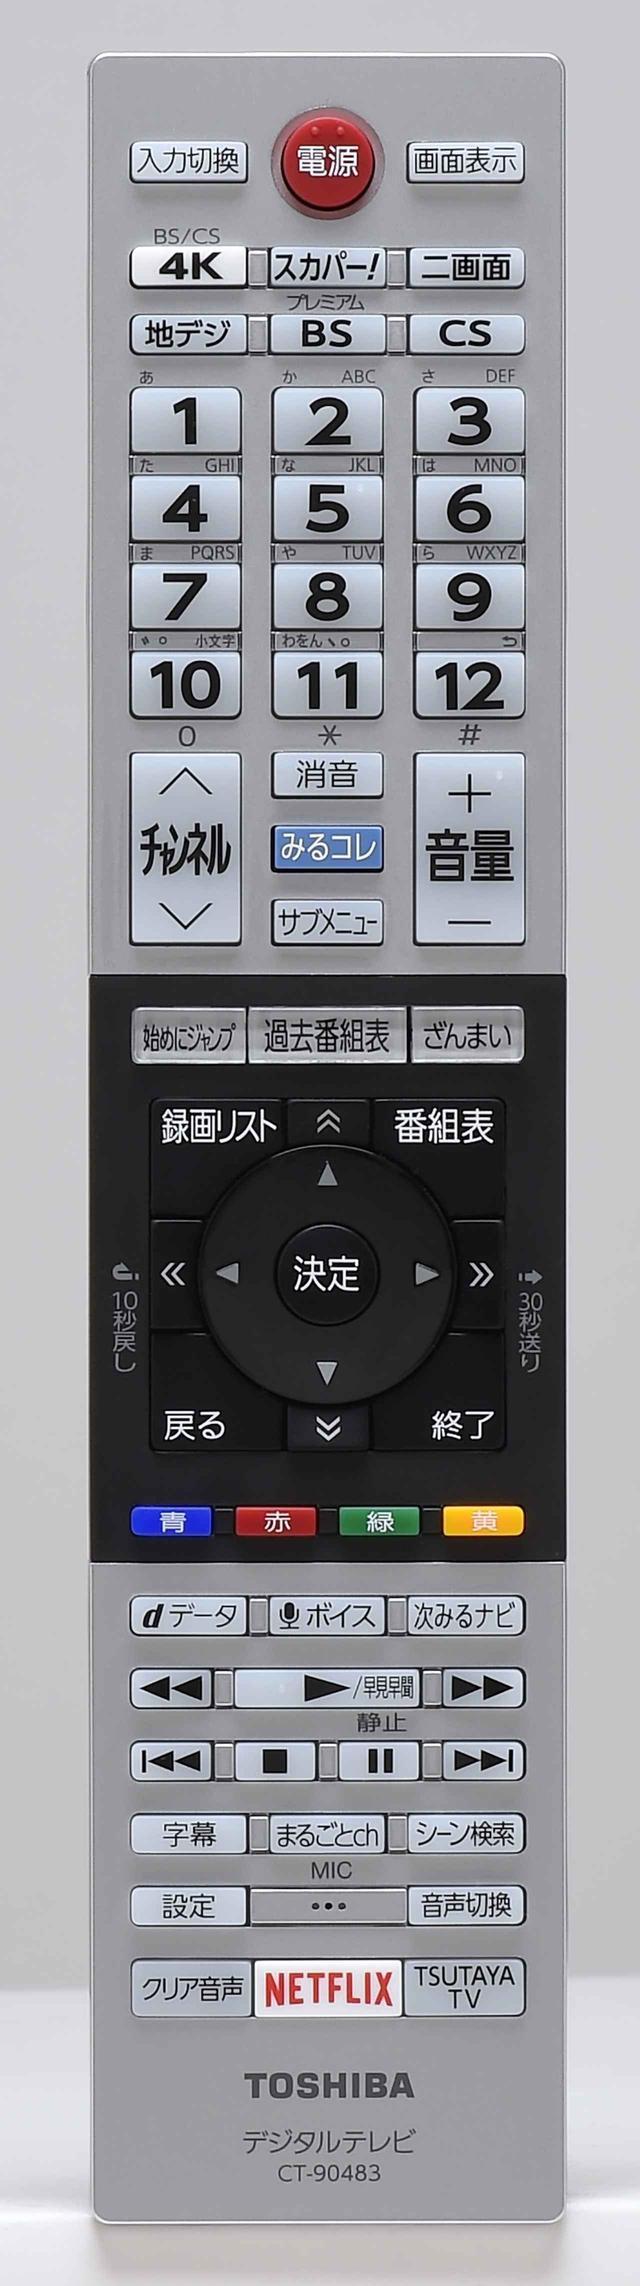 画像: リモコンは従来のデザインを踏襲したもの。上段左側に「4K」の選局ボタンが配置される。また、本機もソニーZ9Fシリーズと同様にNetfliX作品の映像解像度やビットレート値が確認可能で、再生中に青ボタンを押すと詳細データが表示され